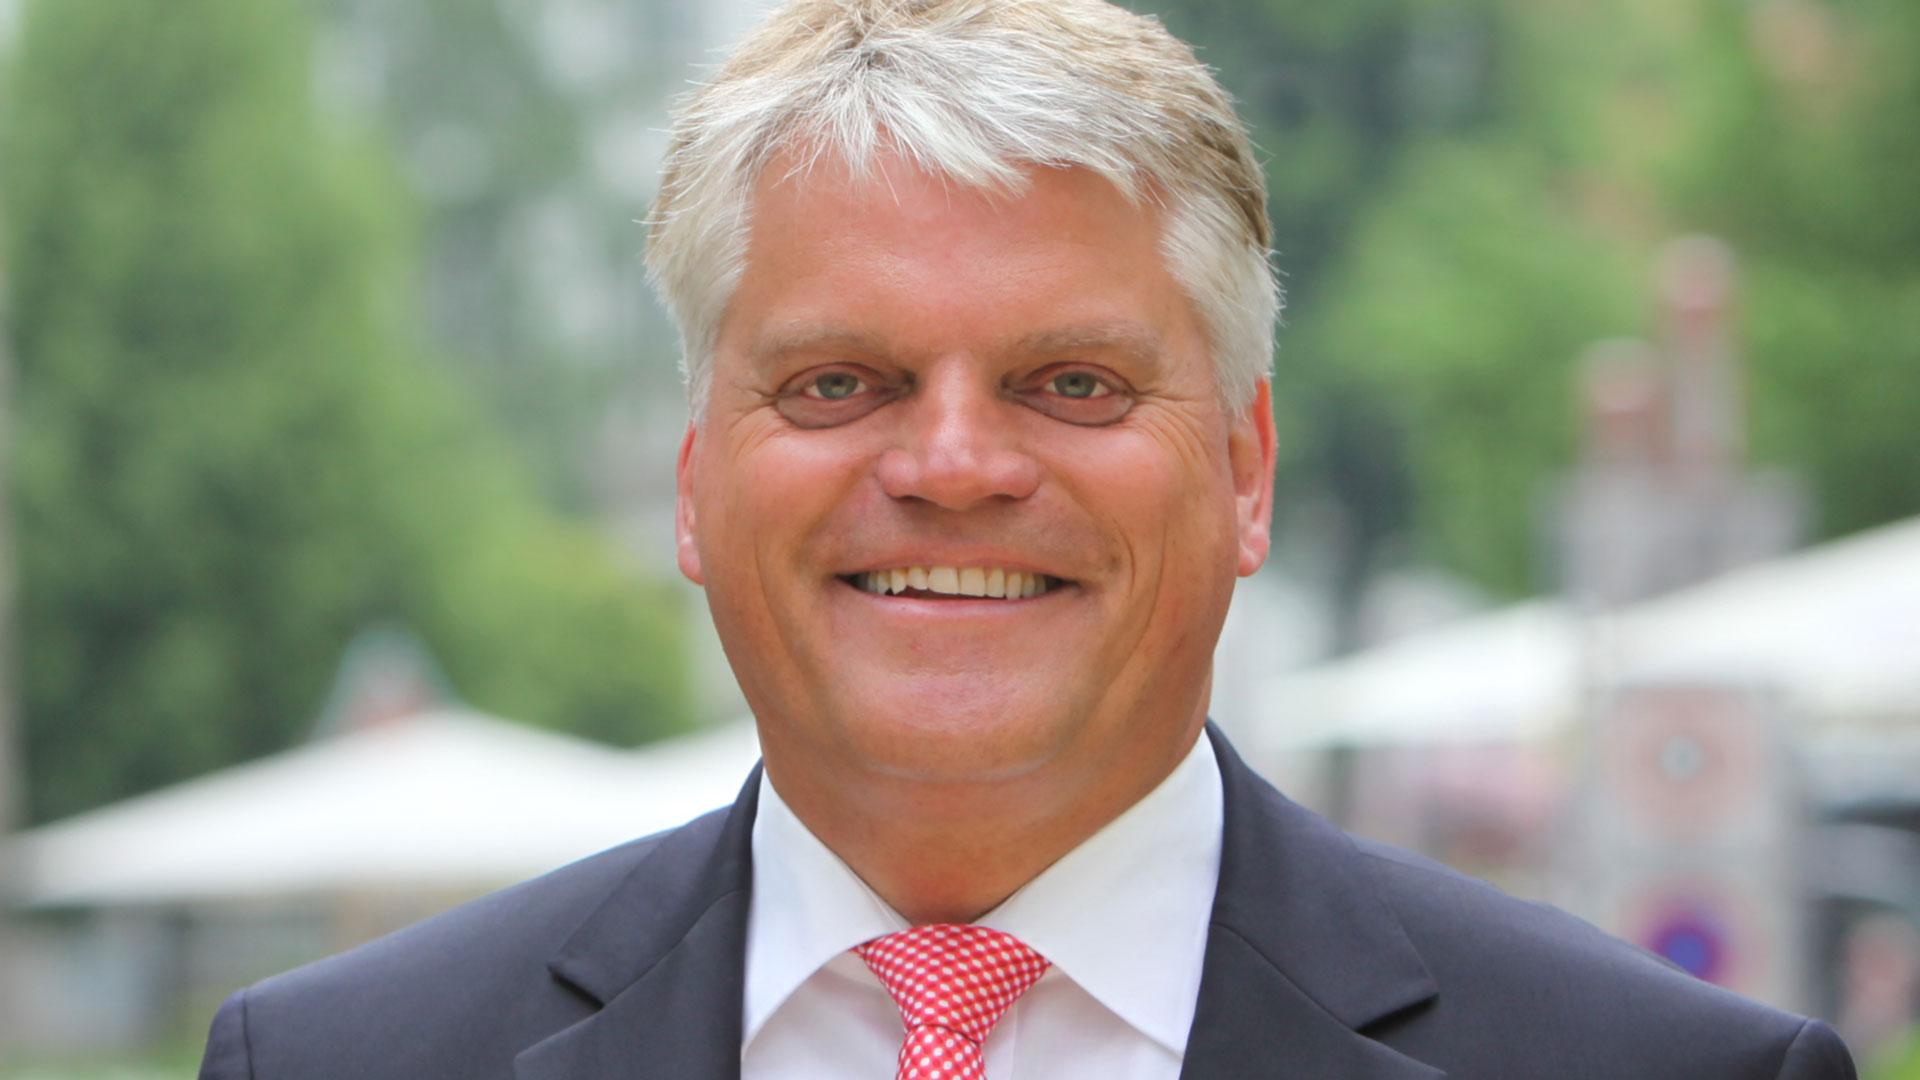 Markus Grübel (CDU) wird als Beauftragter der Bundesregierung zum Thema Religionsfreiheit berichten.